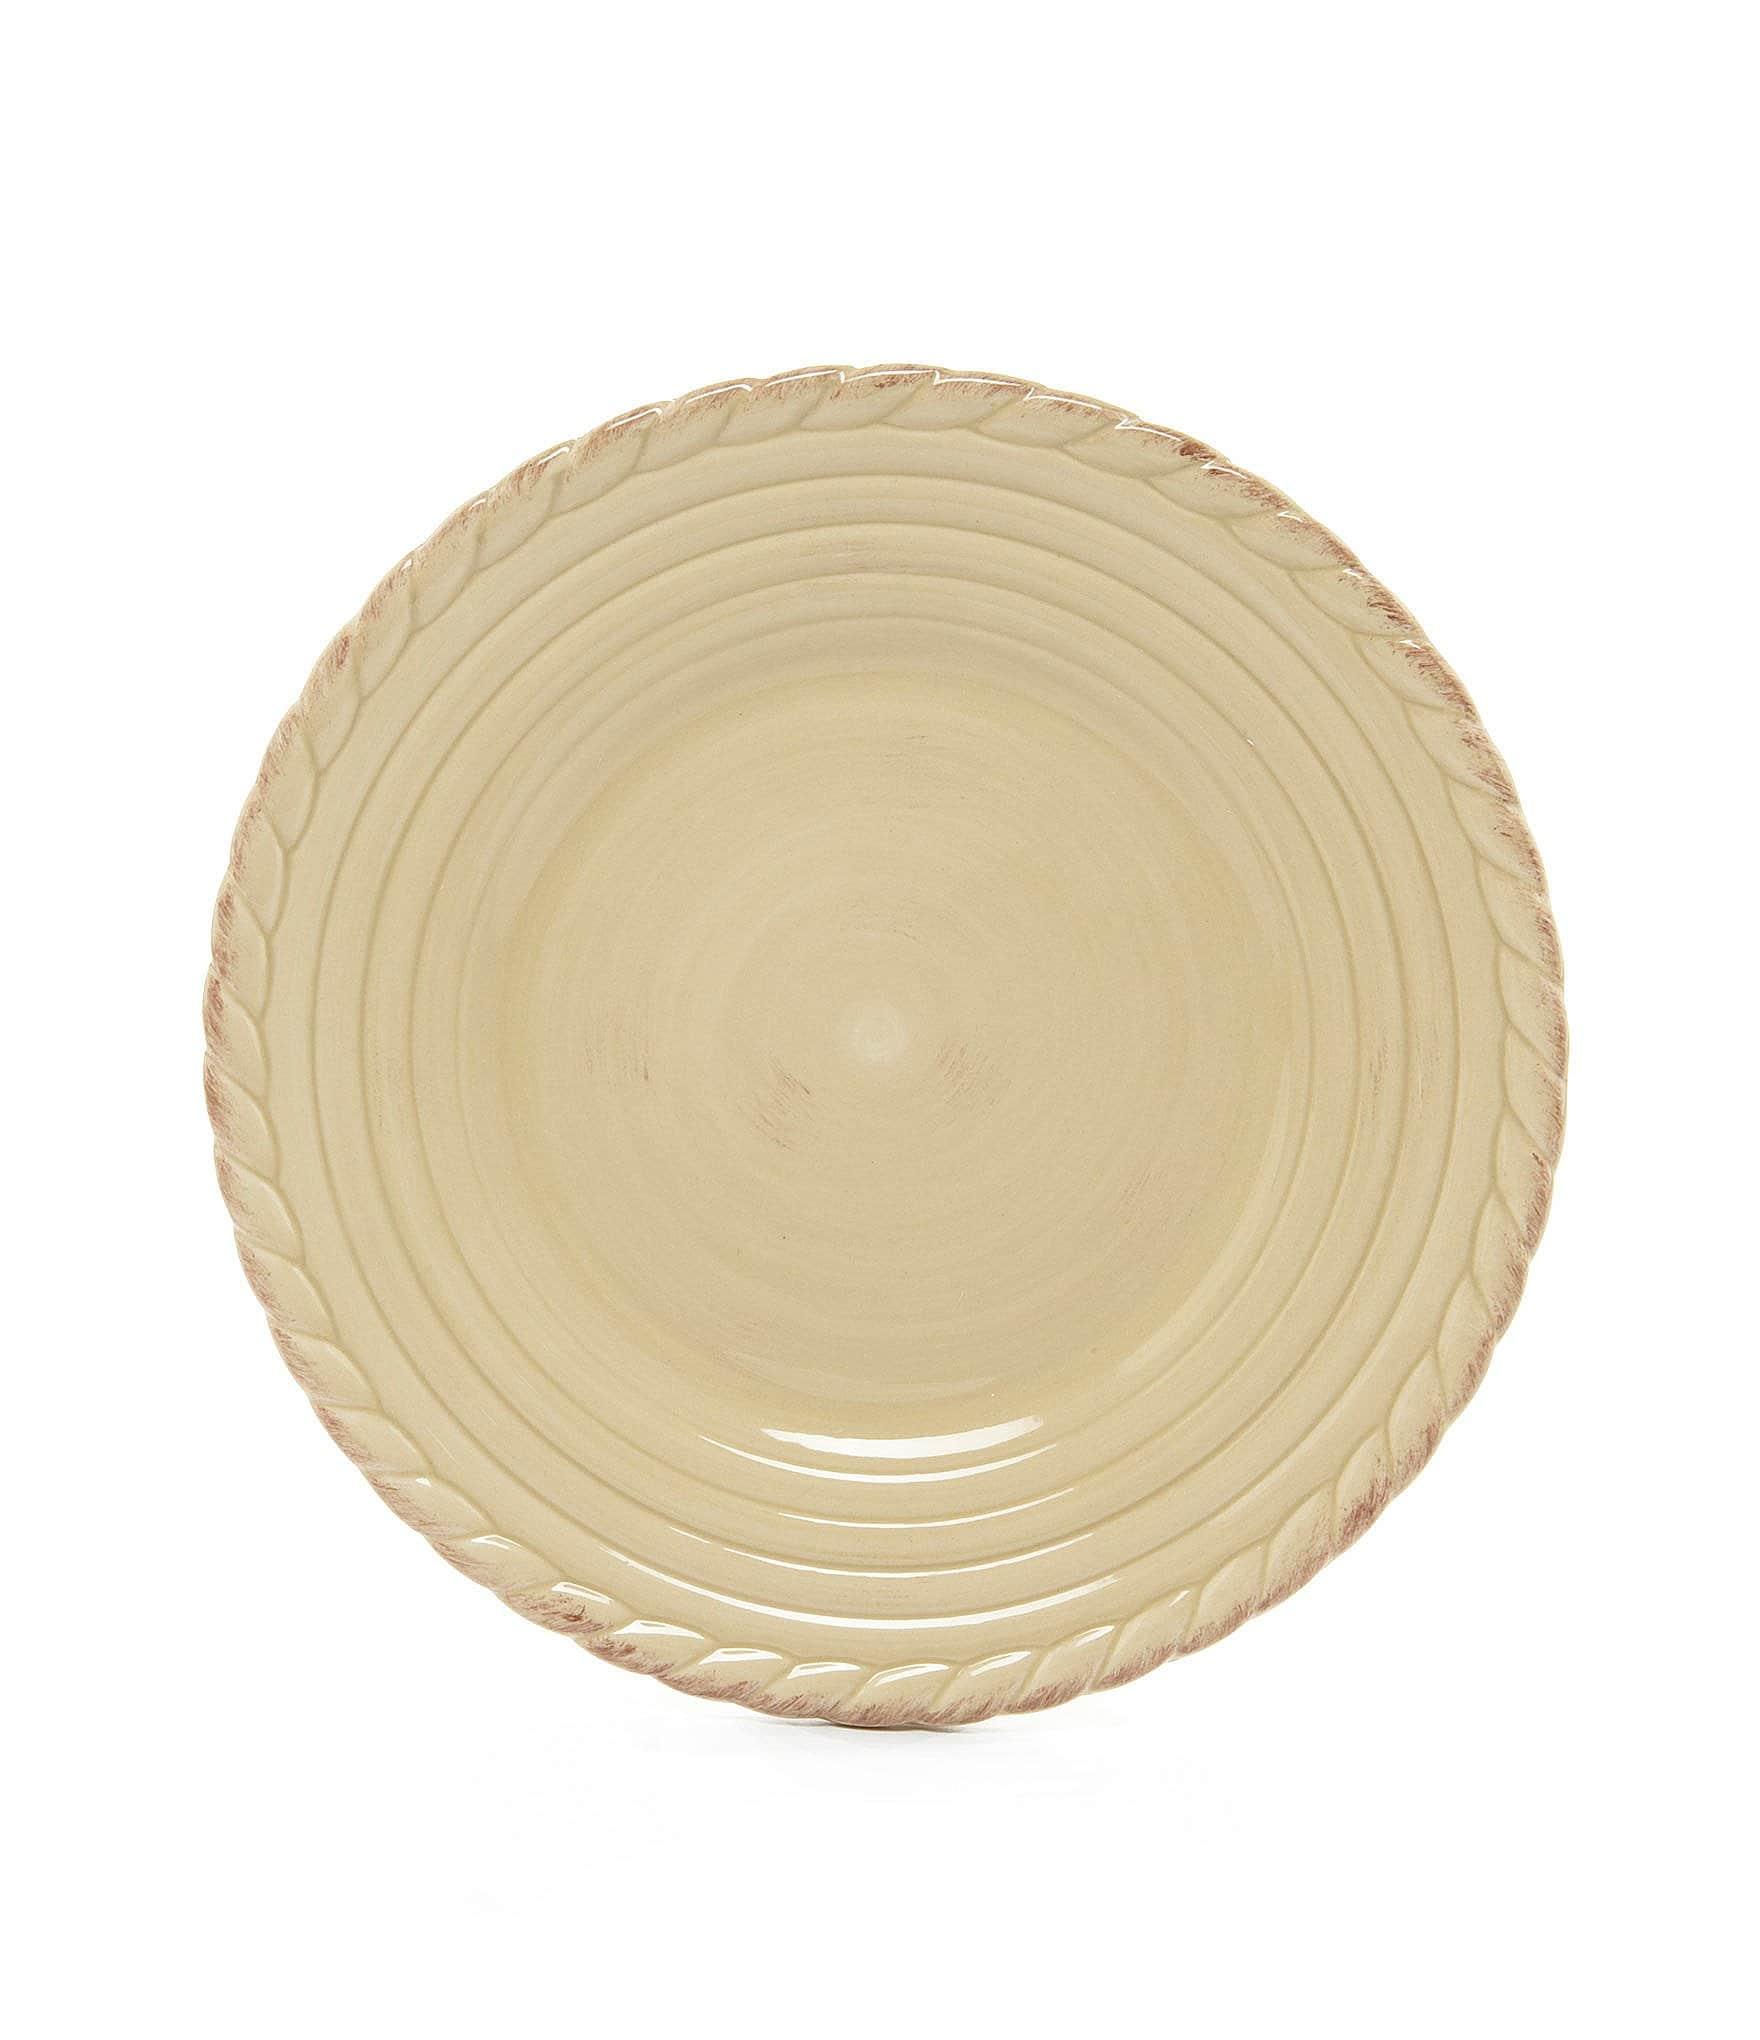 sc 1 st  Dillard\u0027s & Casual Everyday Dinnerware: Plates  Dishes \u0026 Sets | Dillards